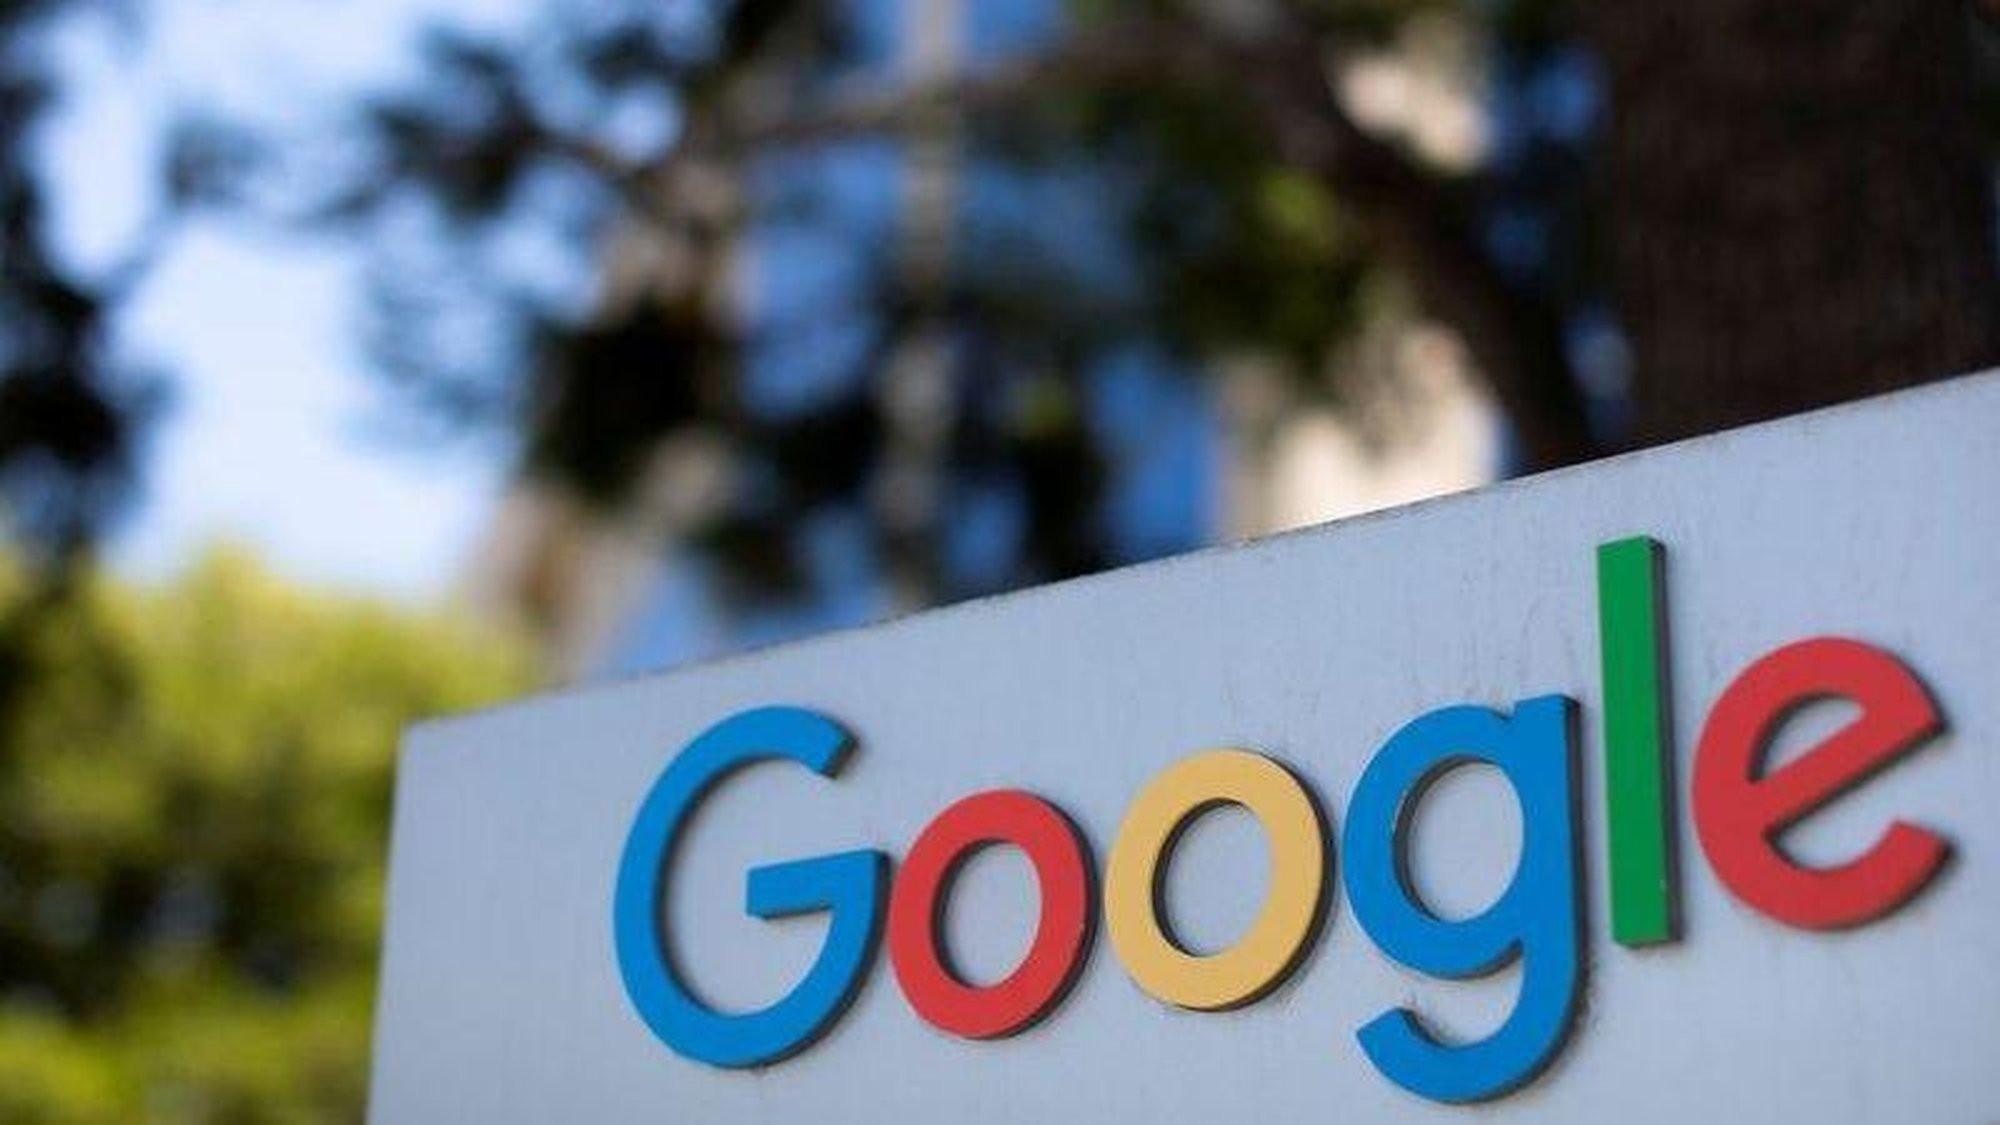 Google'dan beklenmedik 2022 kararı! Herkesi etkileyebilir